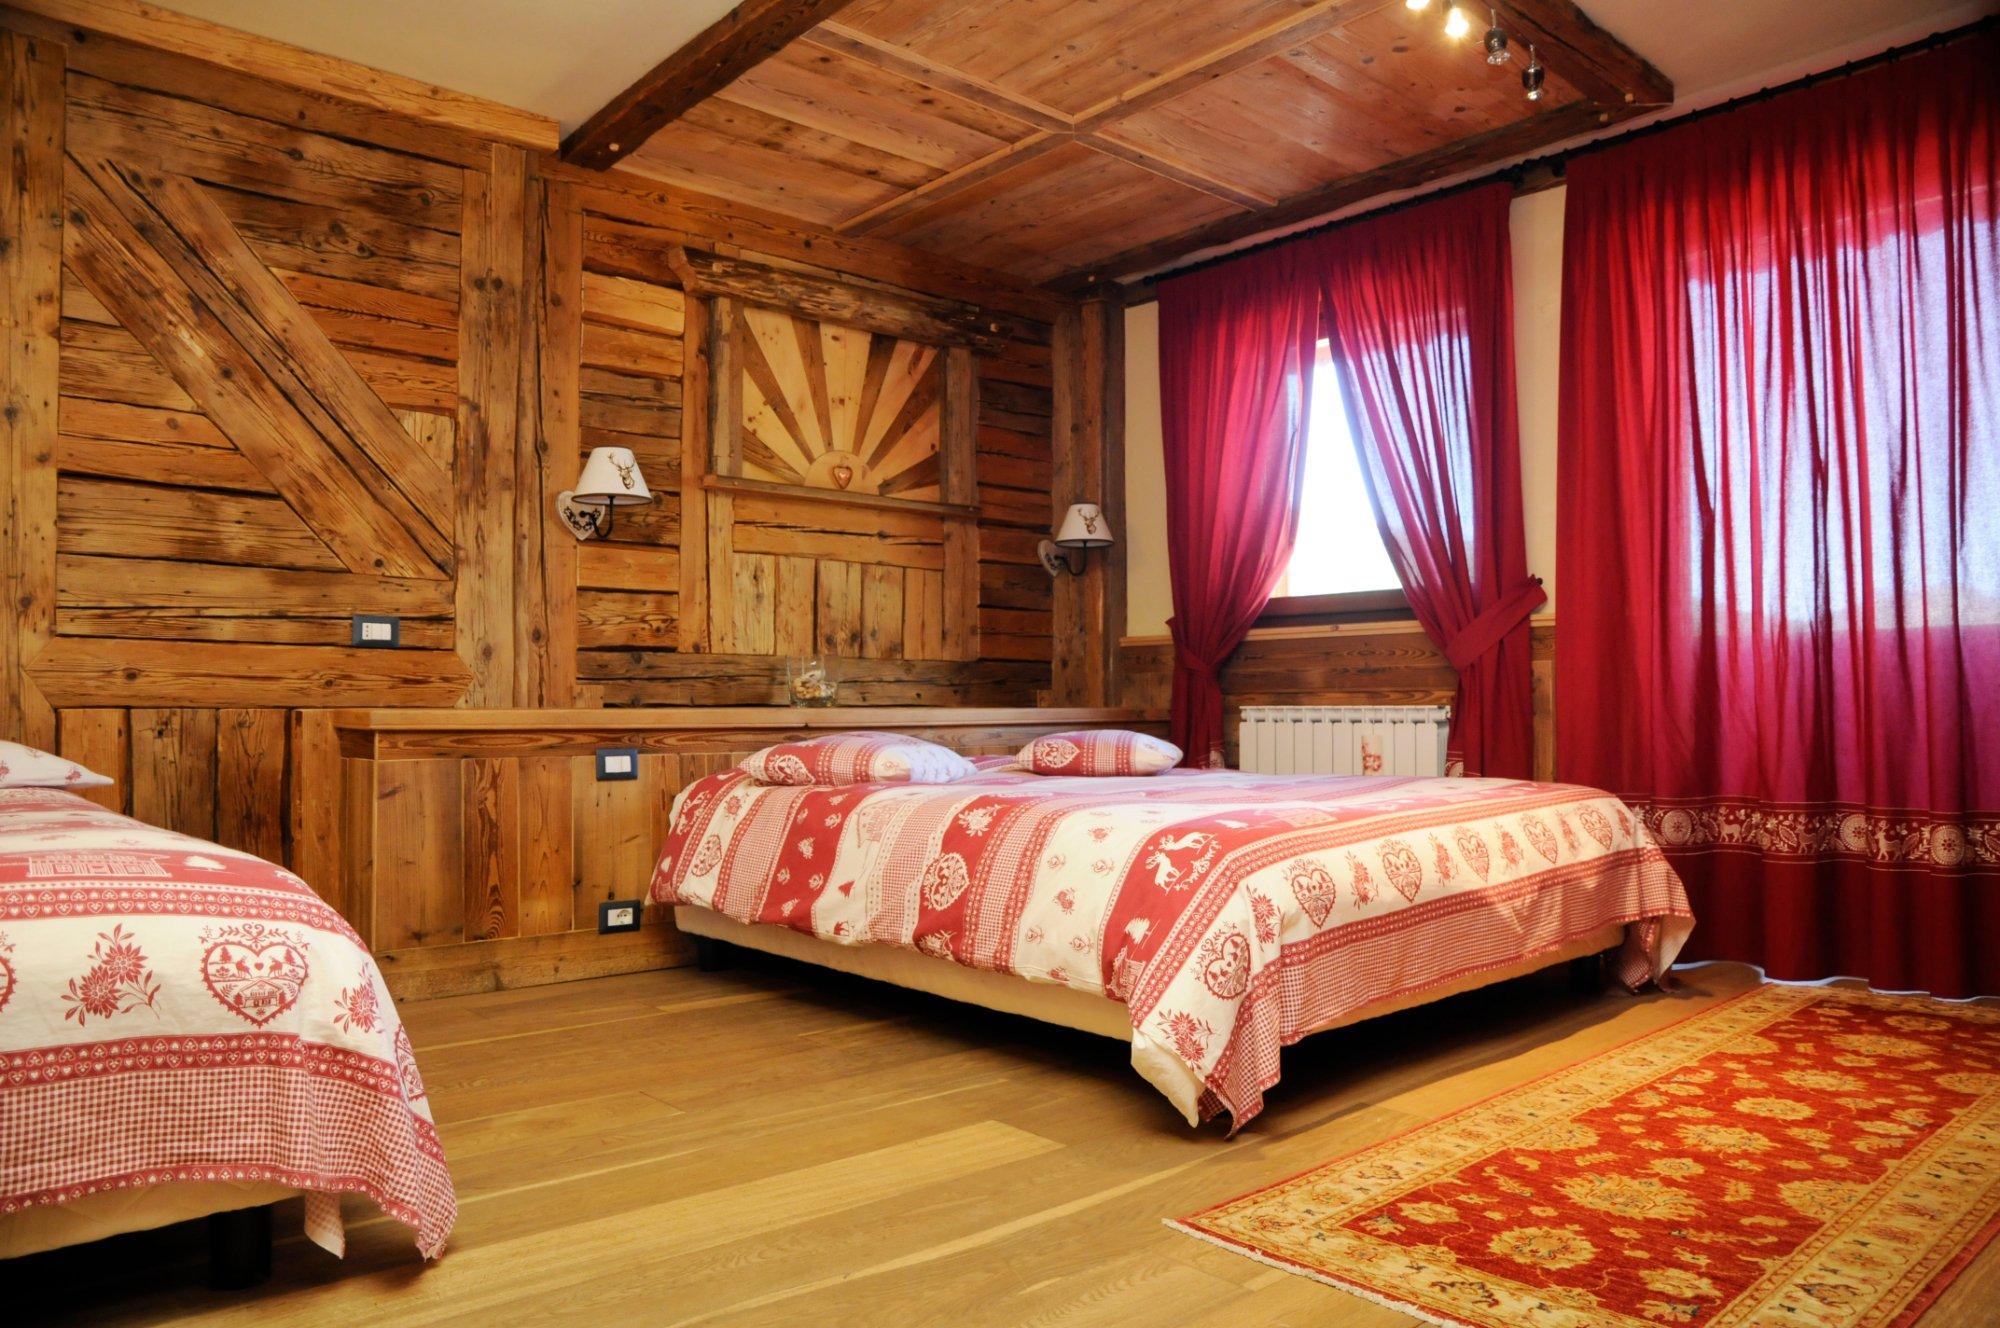 Hotel Meuble Mon Reve